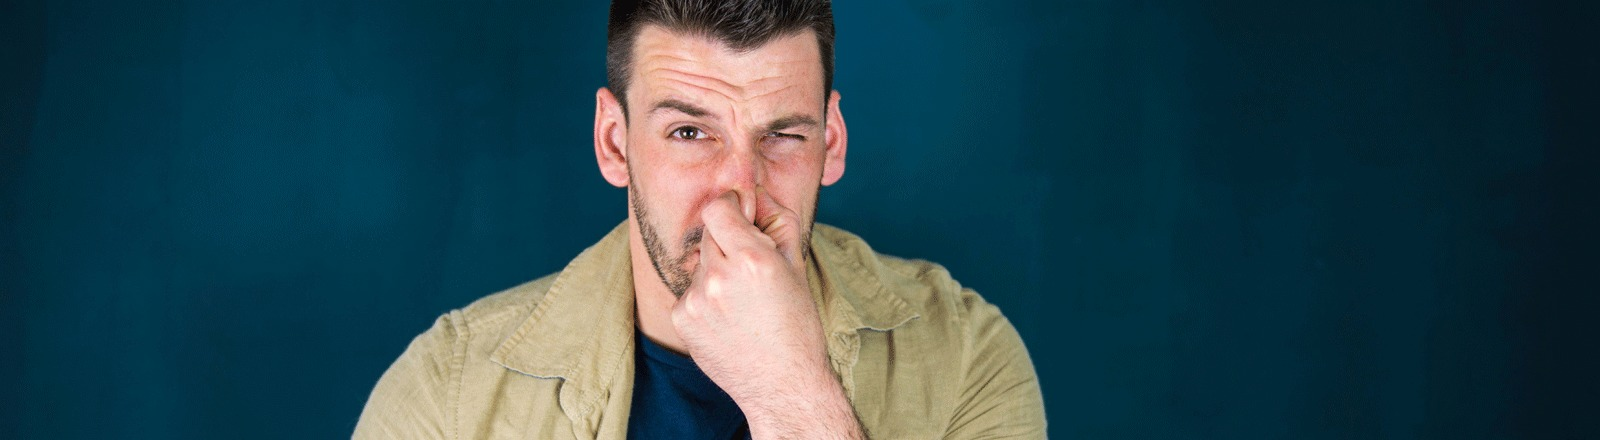 Ein Mann hält sich die Nase zu, weil es stinkt.